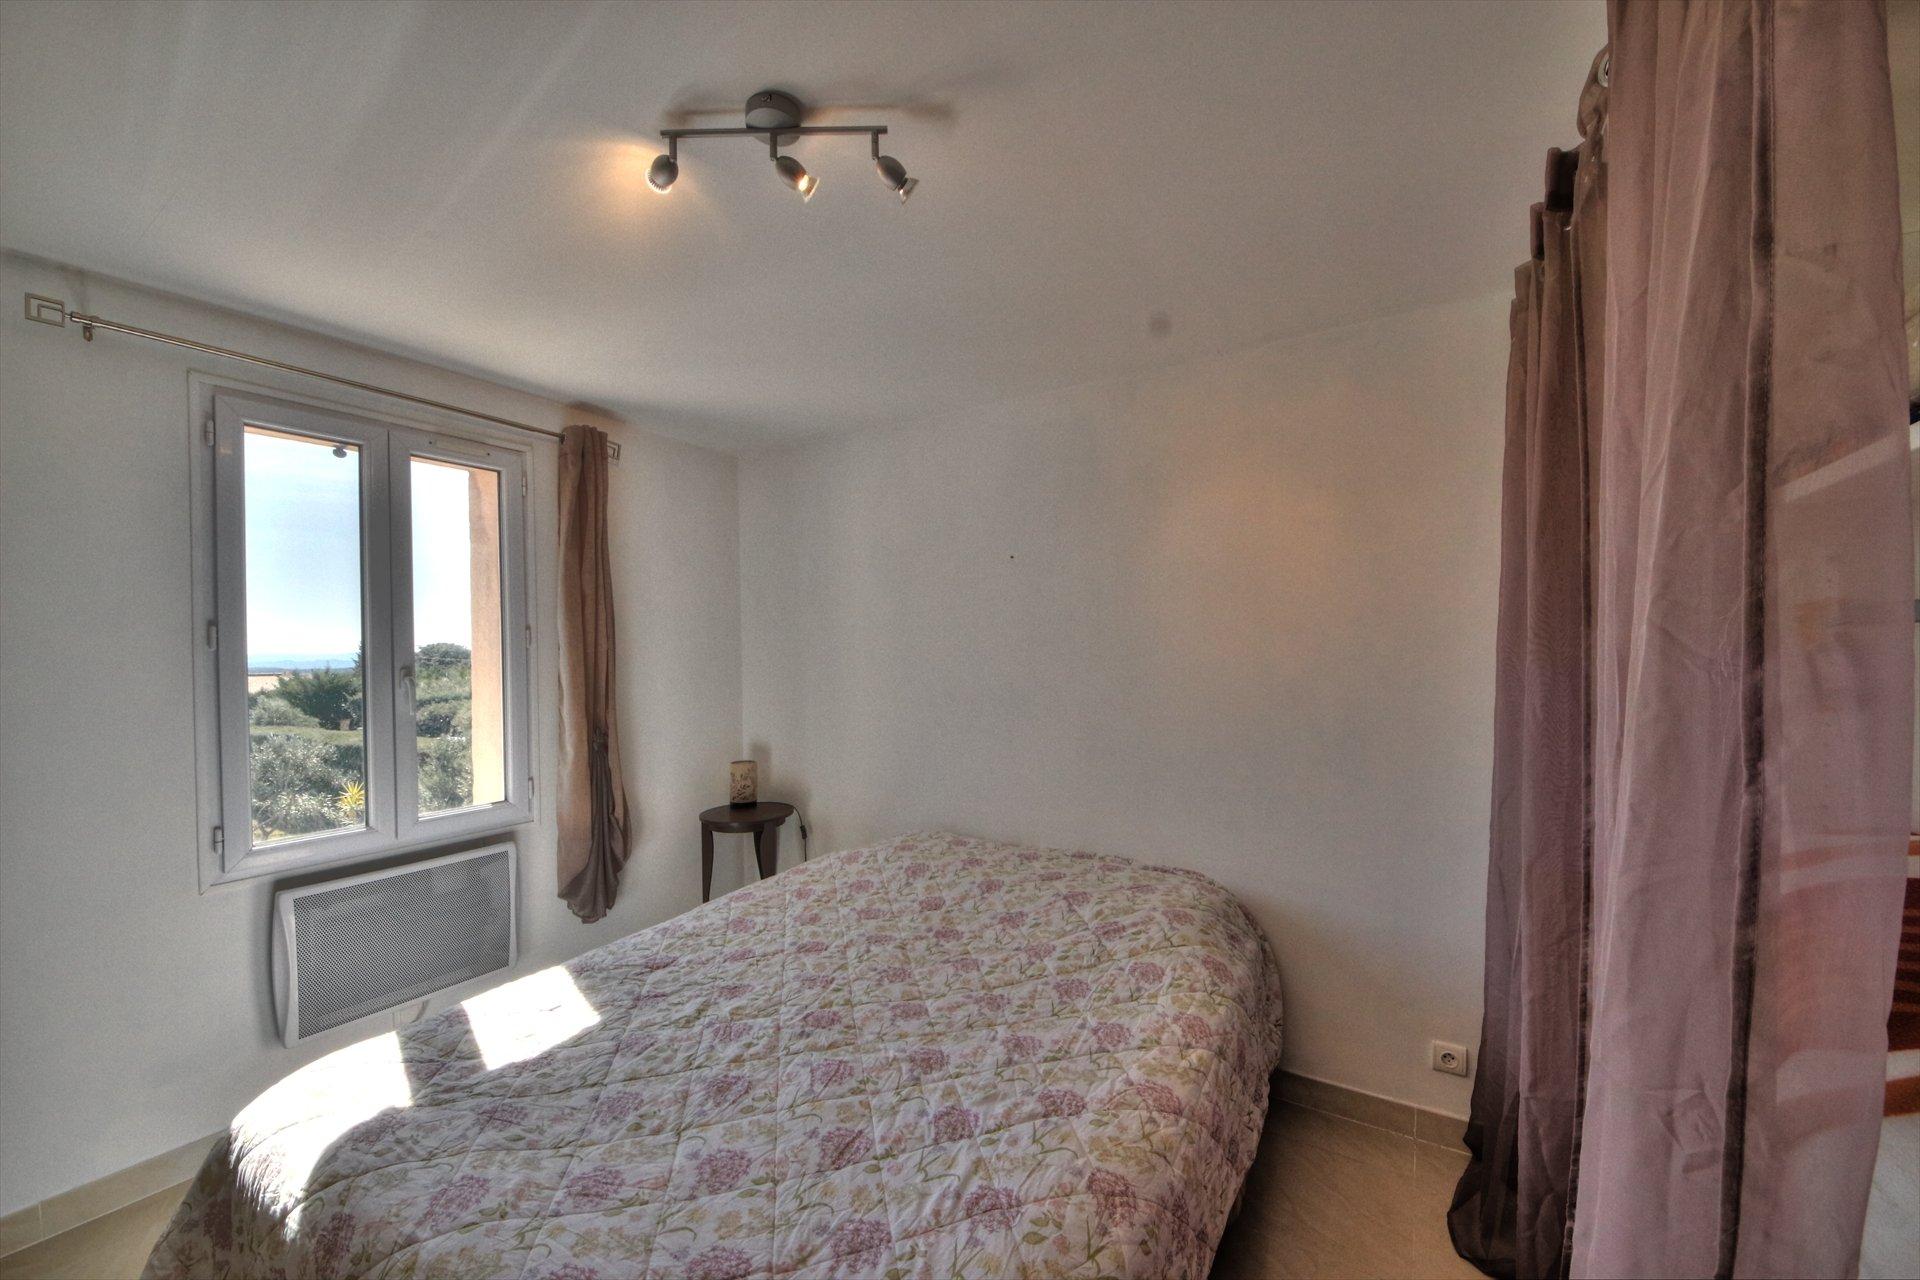 3eme chambre - maison moderne - terrasse et piscine - propriété avec 2 maisons à vendre